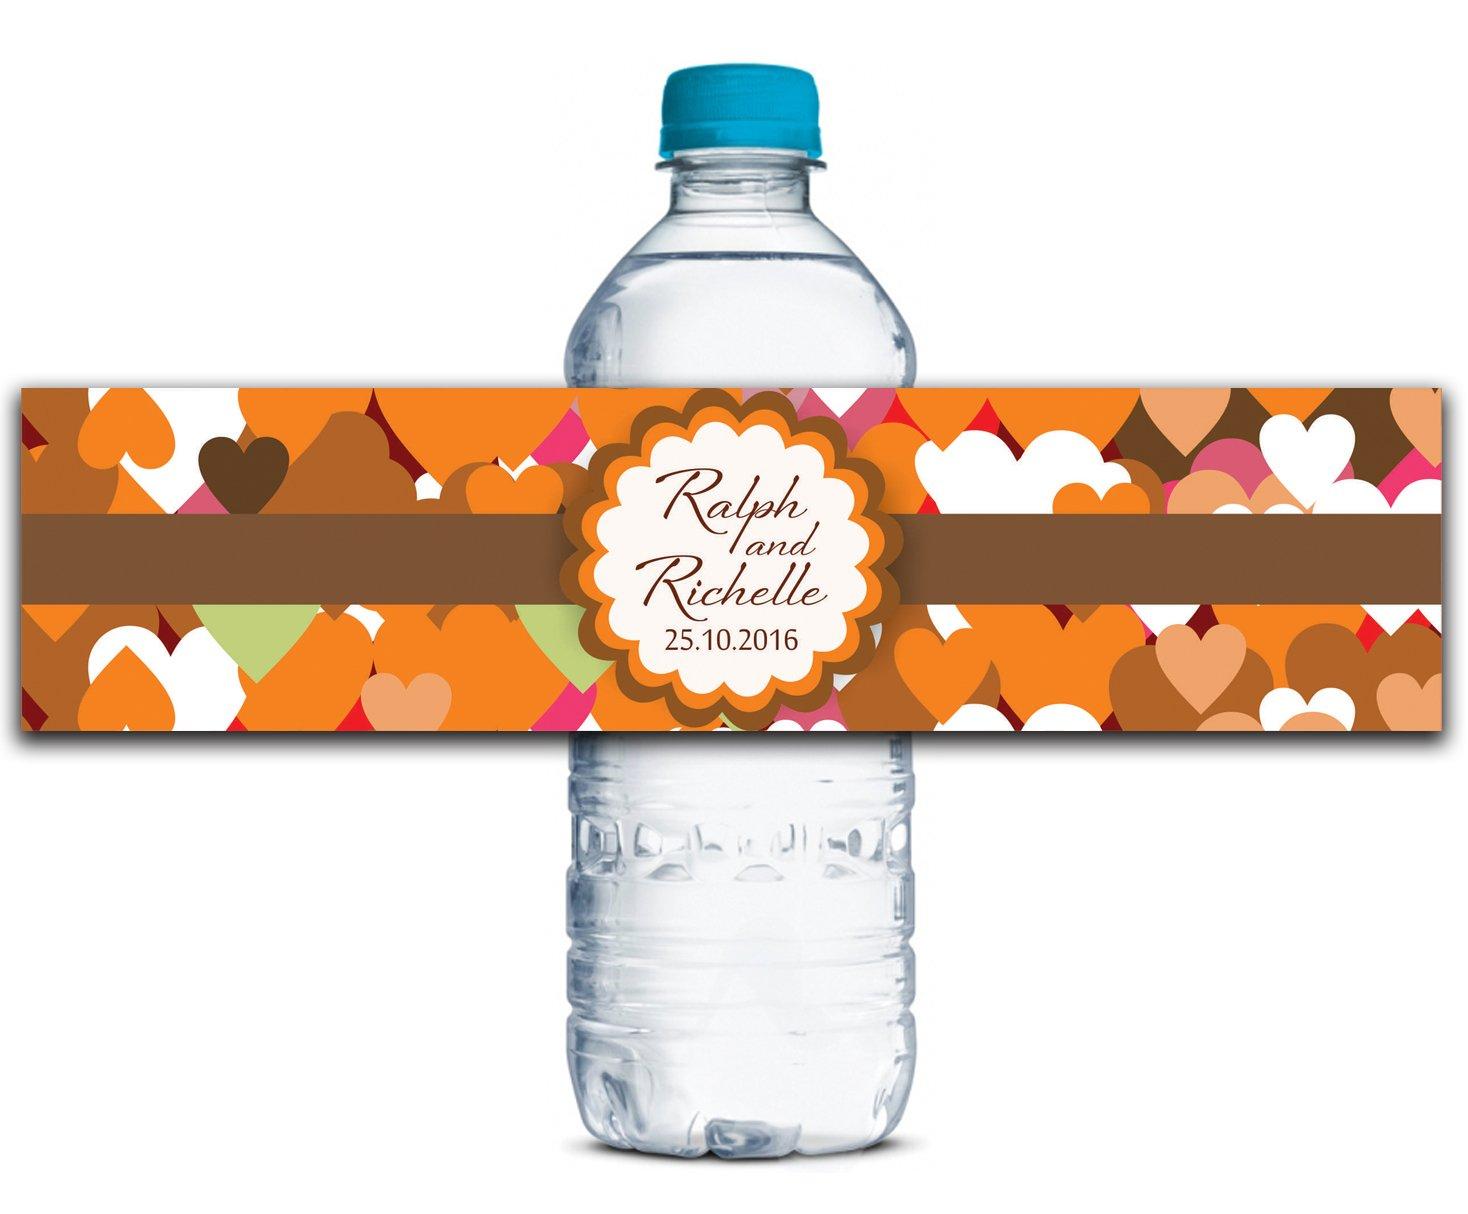 Personalisierte Wasserflasche Etiketten Selbstklebende wasserdichte Kundenspezifische Hochzeits-Aufkleber 8  x 2  Zoll - 50 Etiketten B01A0W2GLS | Deutschland